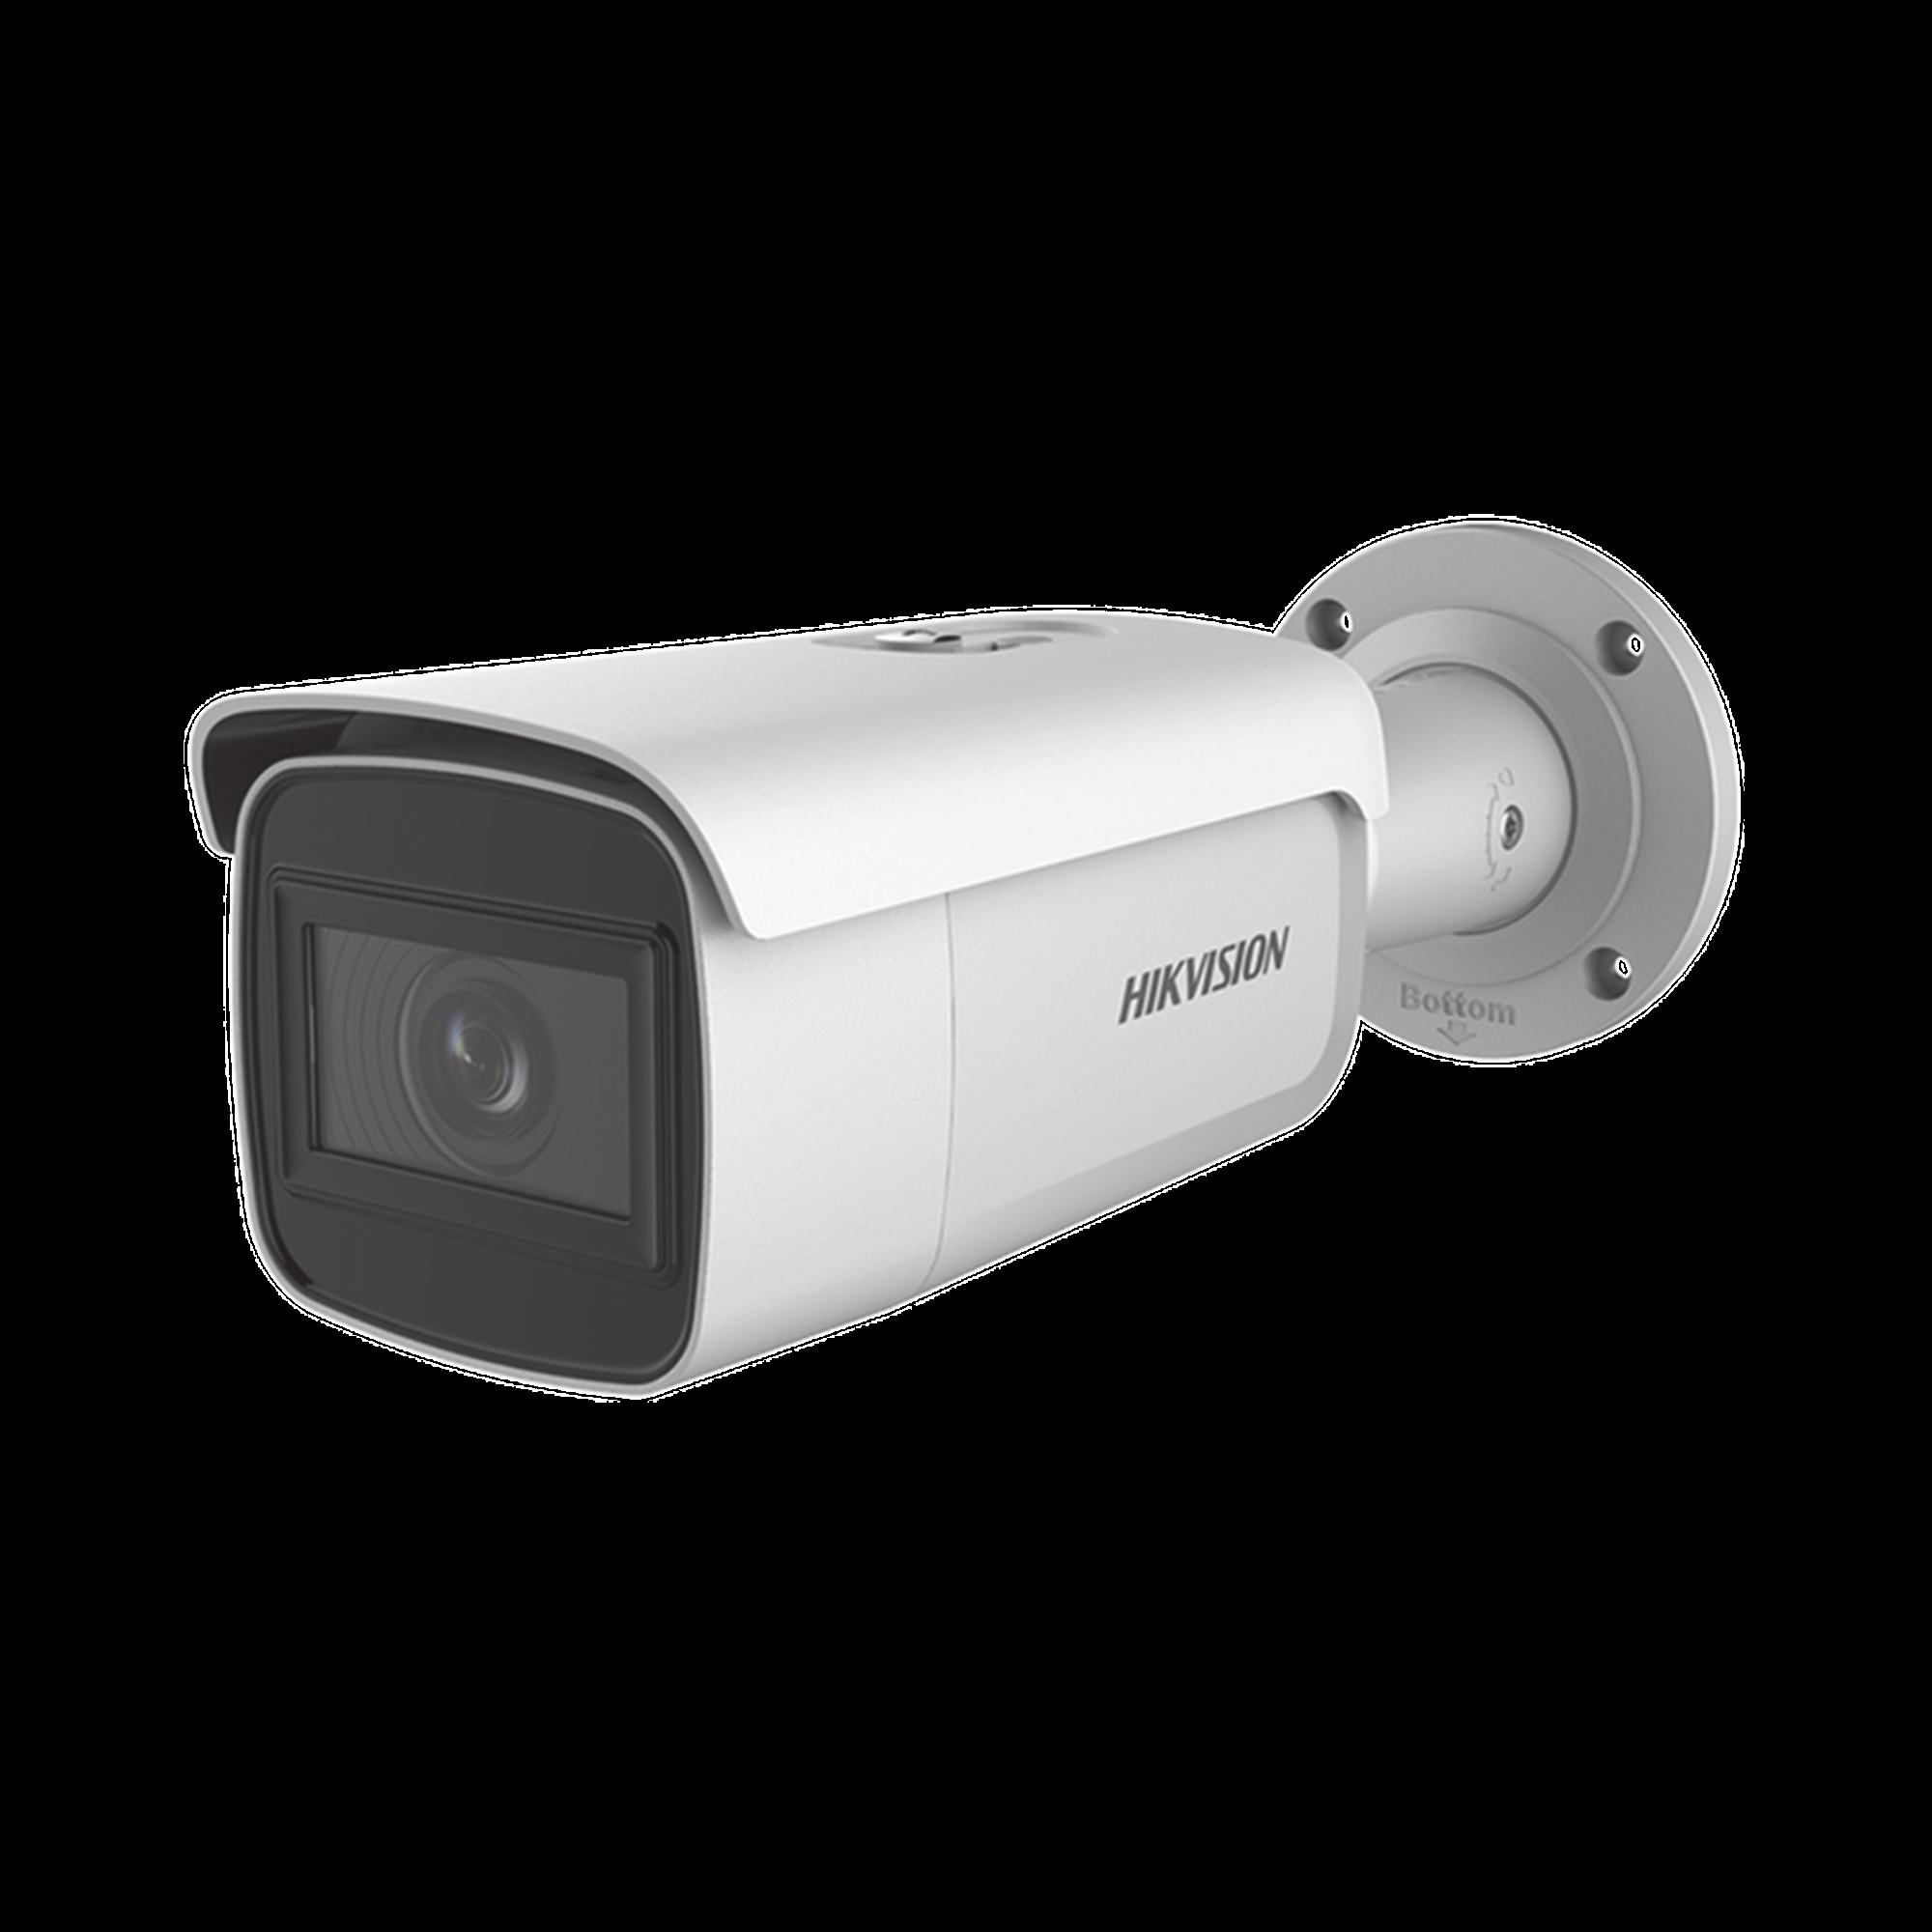 Bala IP 4 Megapixel / Lente Mot. 2.8 a 12 mm / 60 mts IR EXIR / Exterior IP67 / IK10 /  WDR 120 dB / PoE / Videoanaliticos (Filtro de Falsas Alarmas) / Ultra Baja Iluminación / Entrada y Salida de Audio y Alarmas